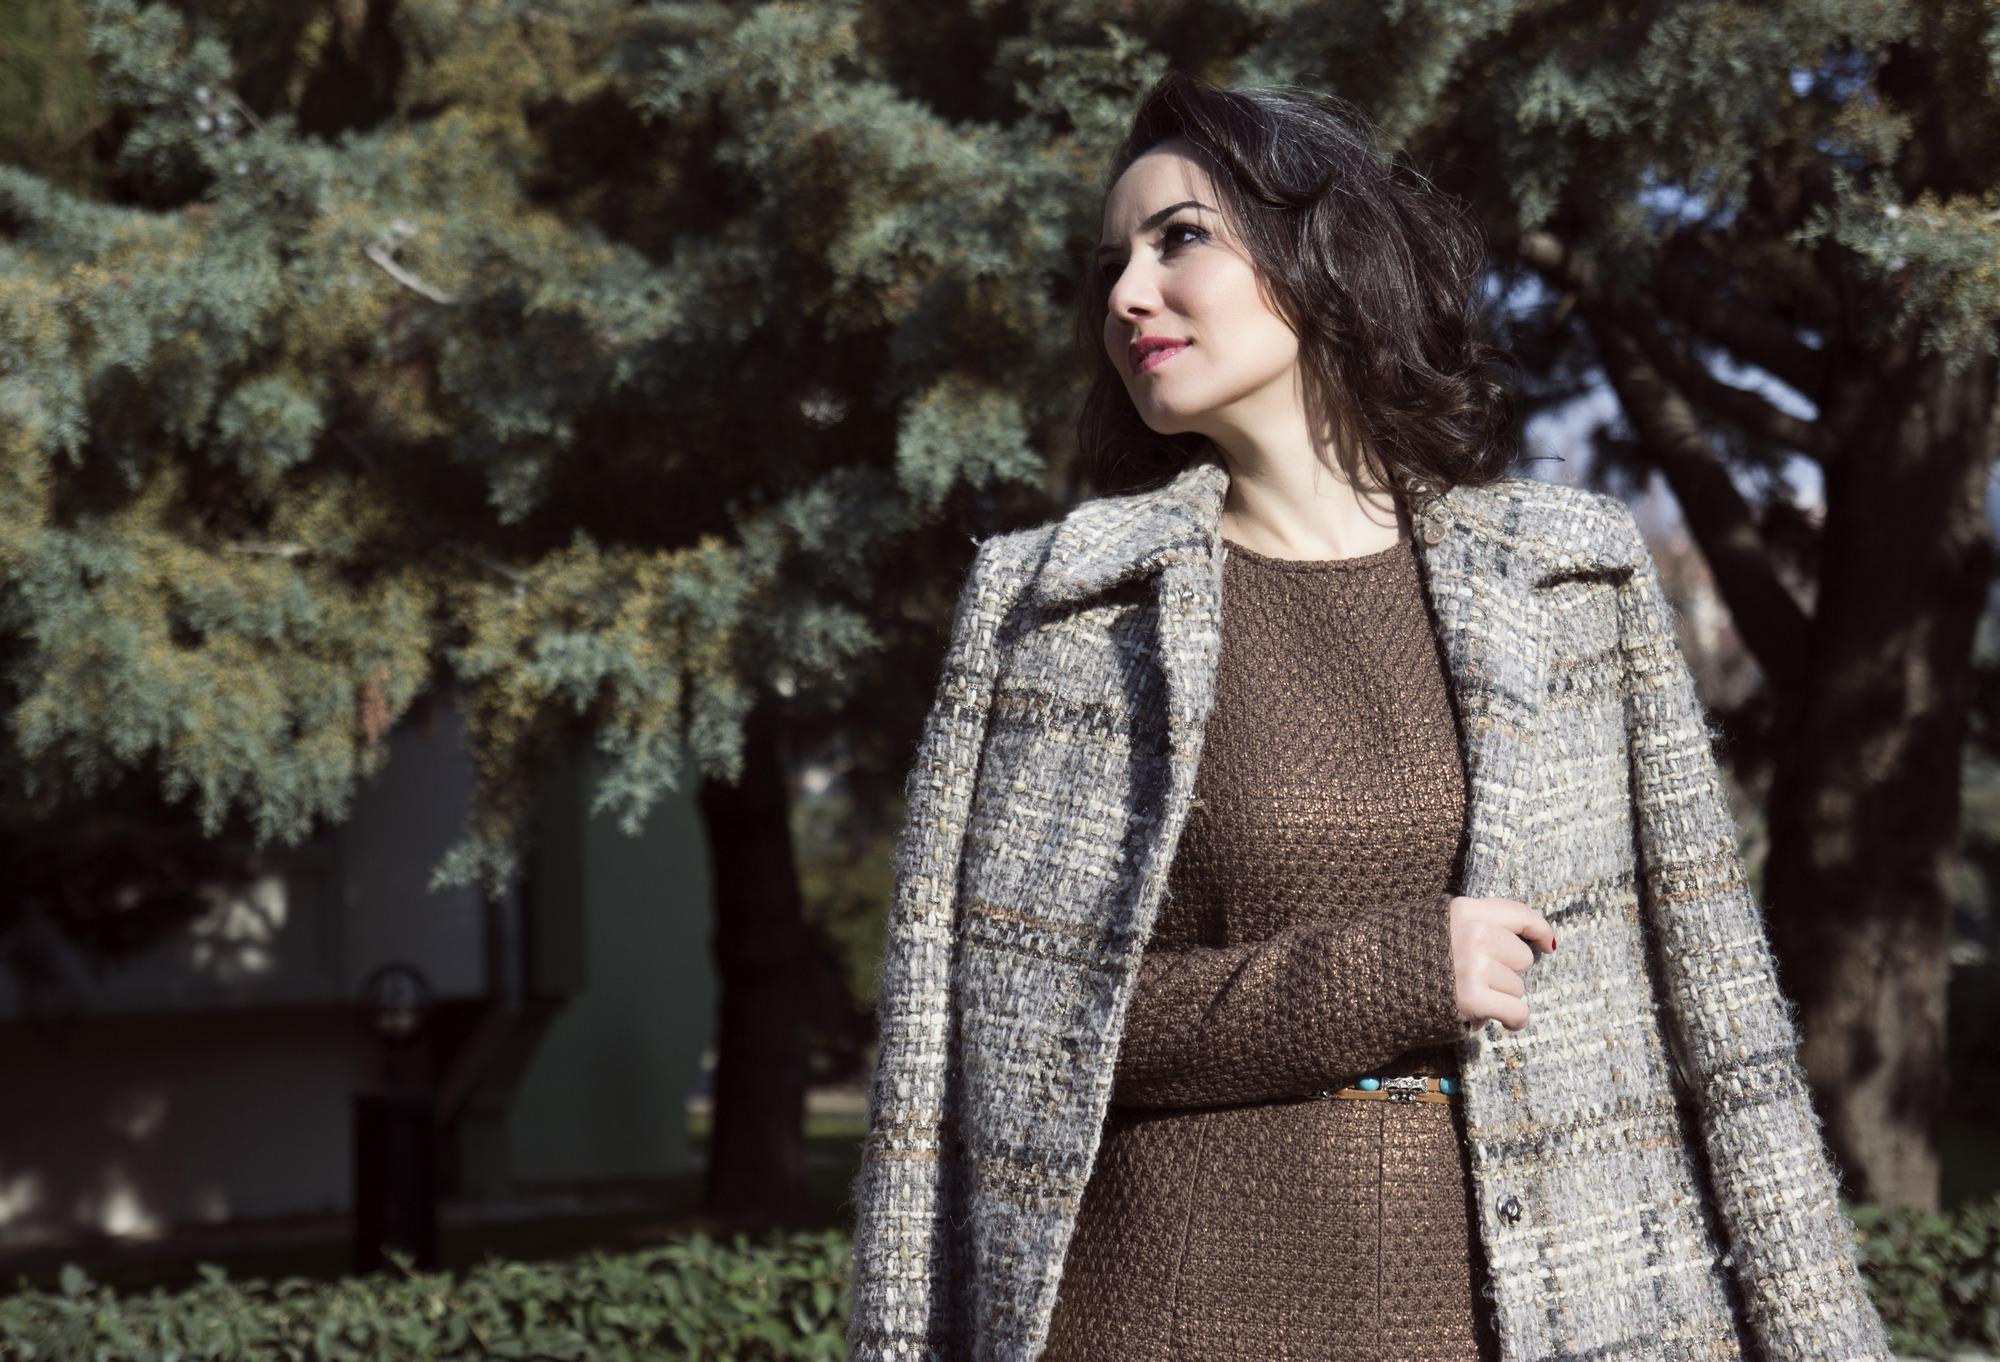 gamze saracoglu, park bravo, ozlem kaya for park bravo, modagram, kahve, palto modelleri, kışlık elbise modelleri